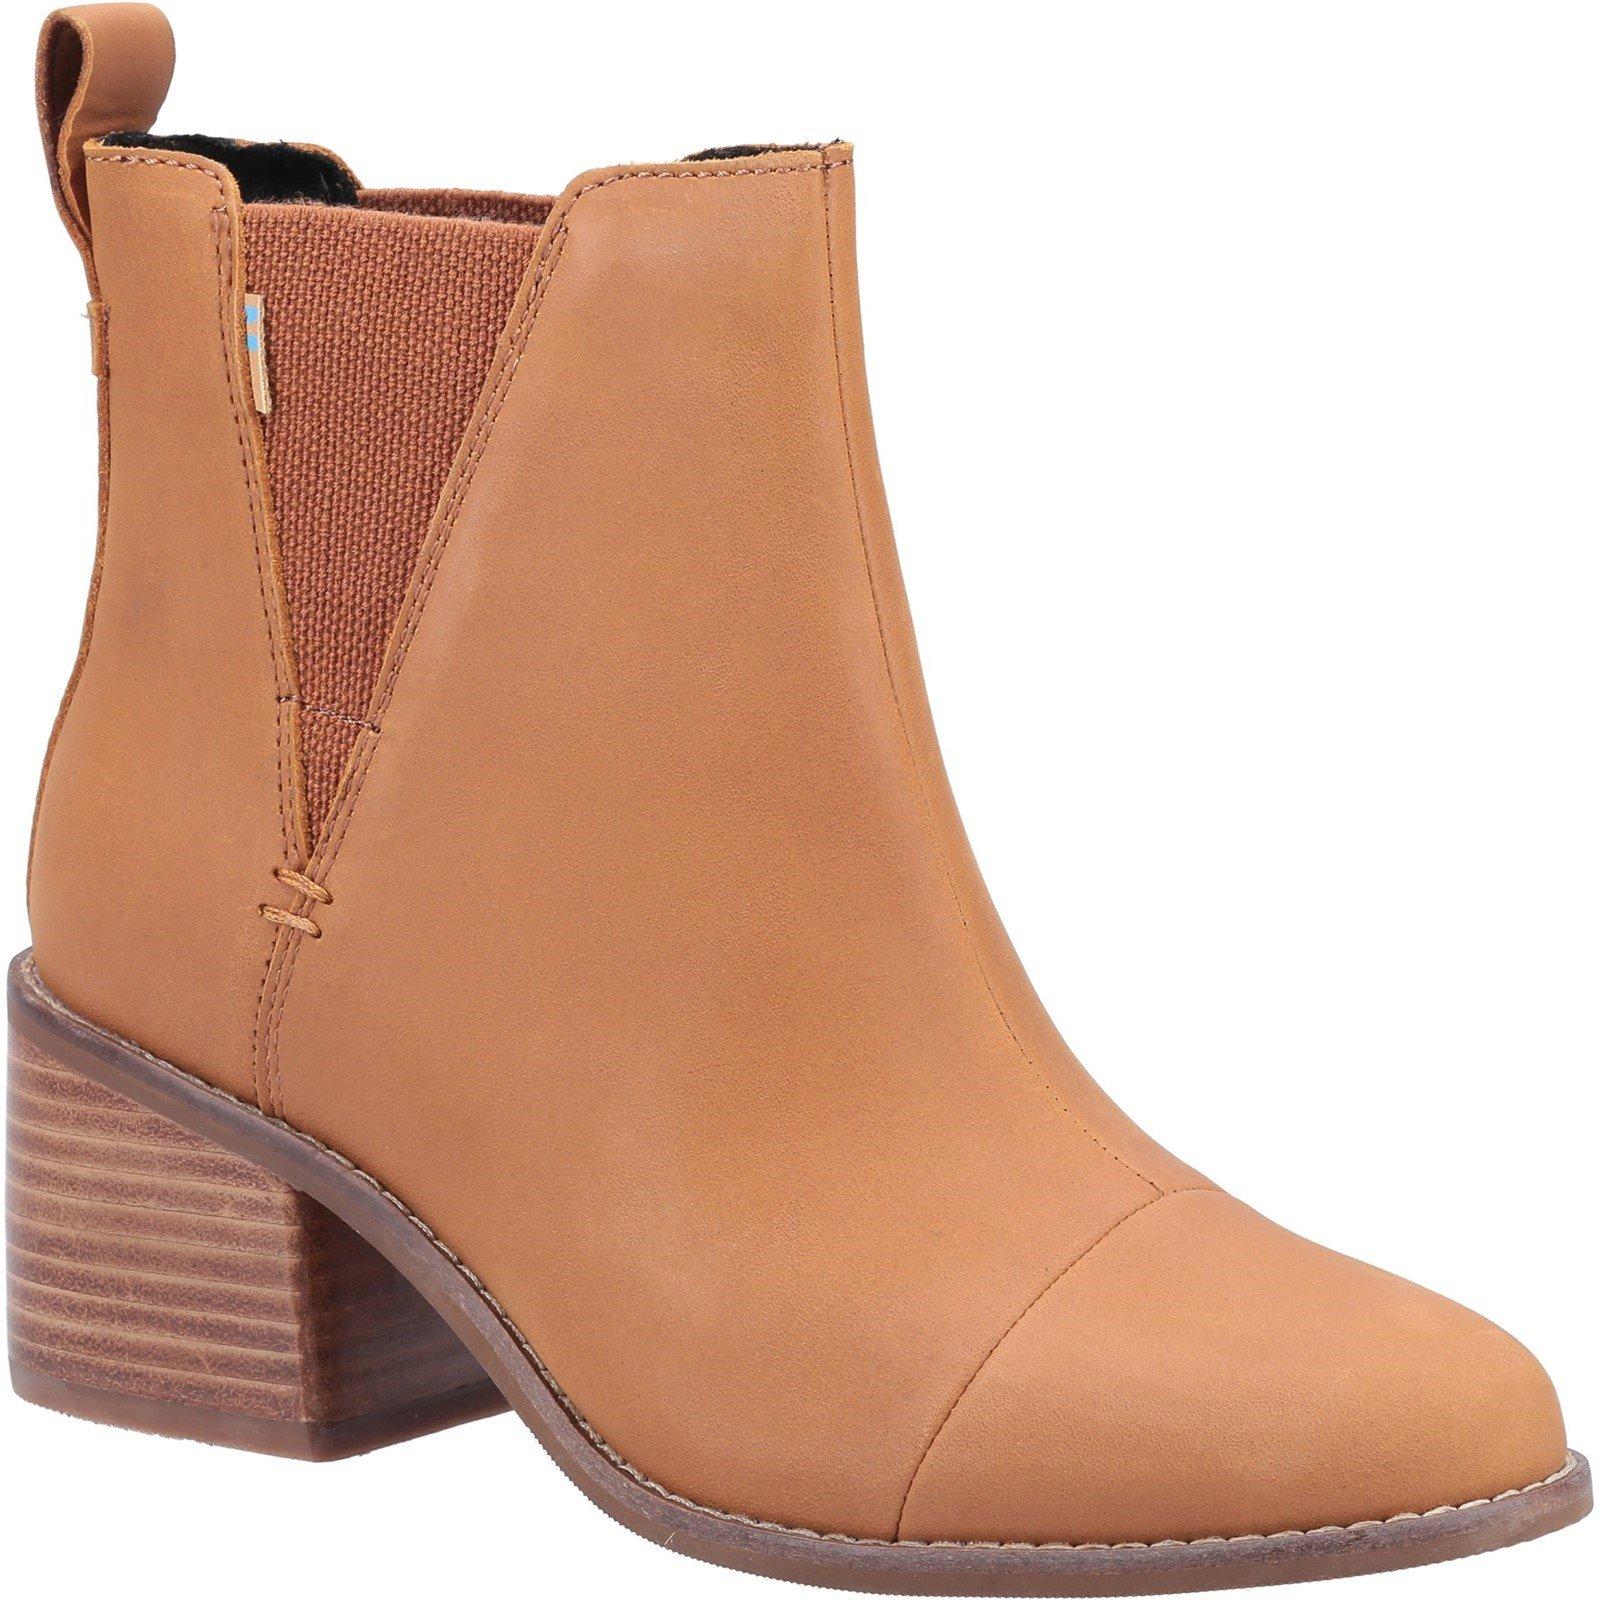 TOMS Women's Esme Boot Tan 32645 - Tan 4